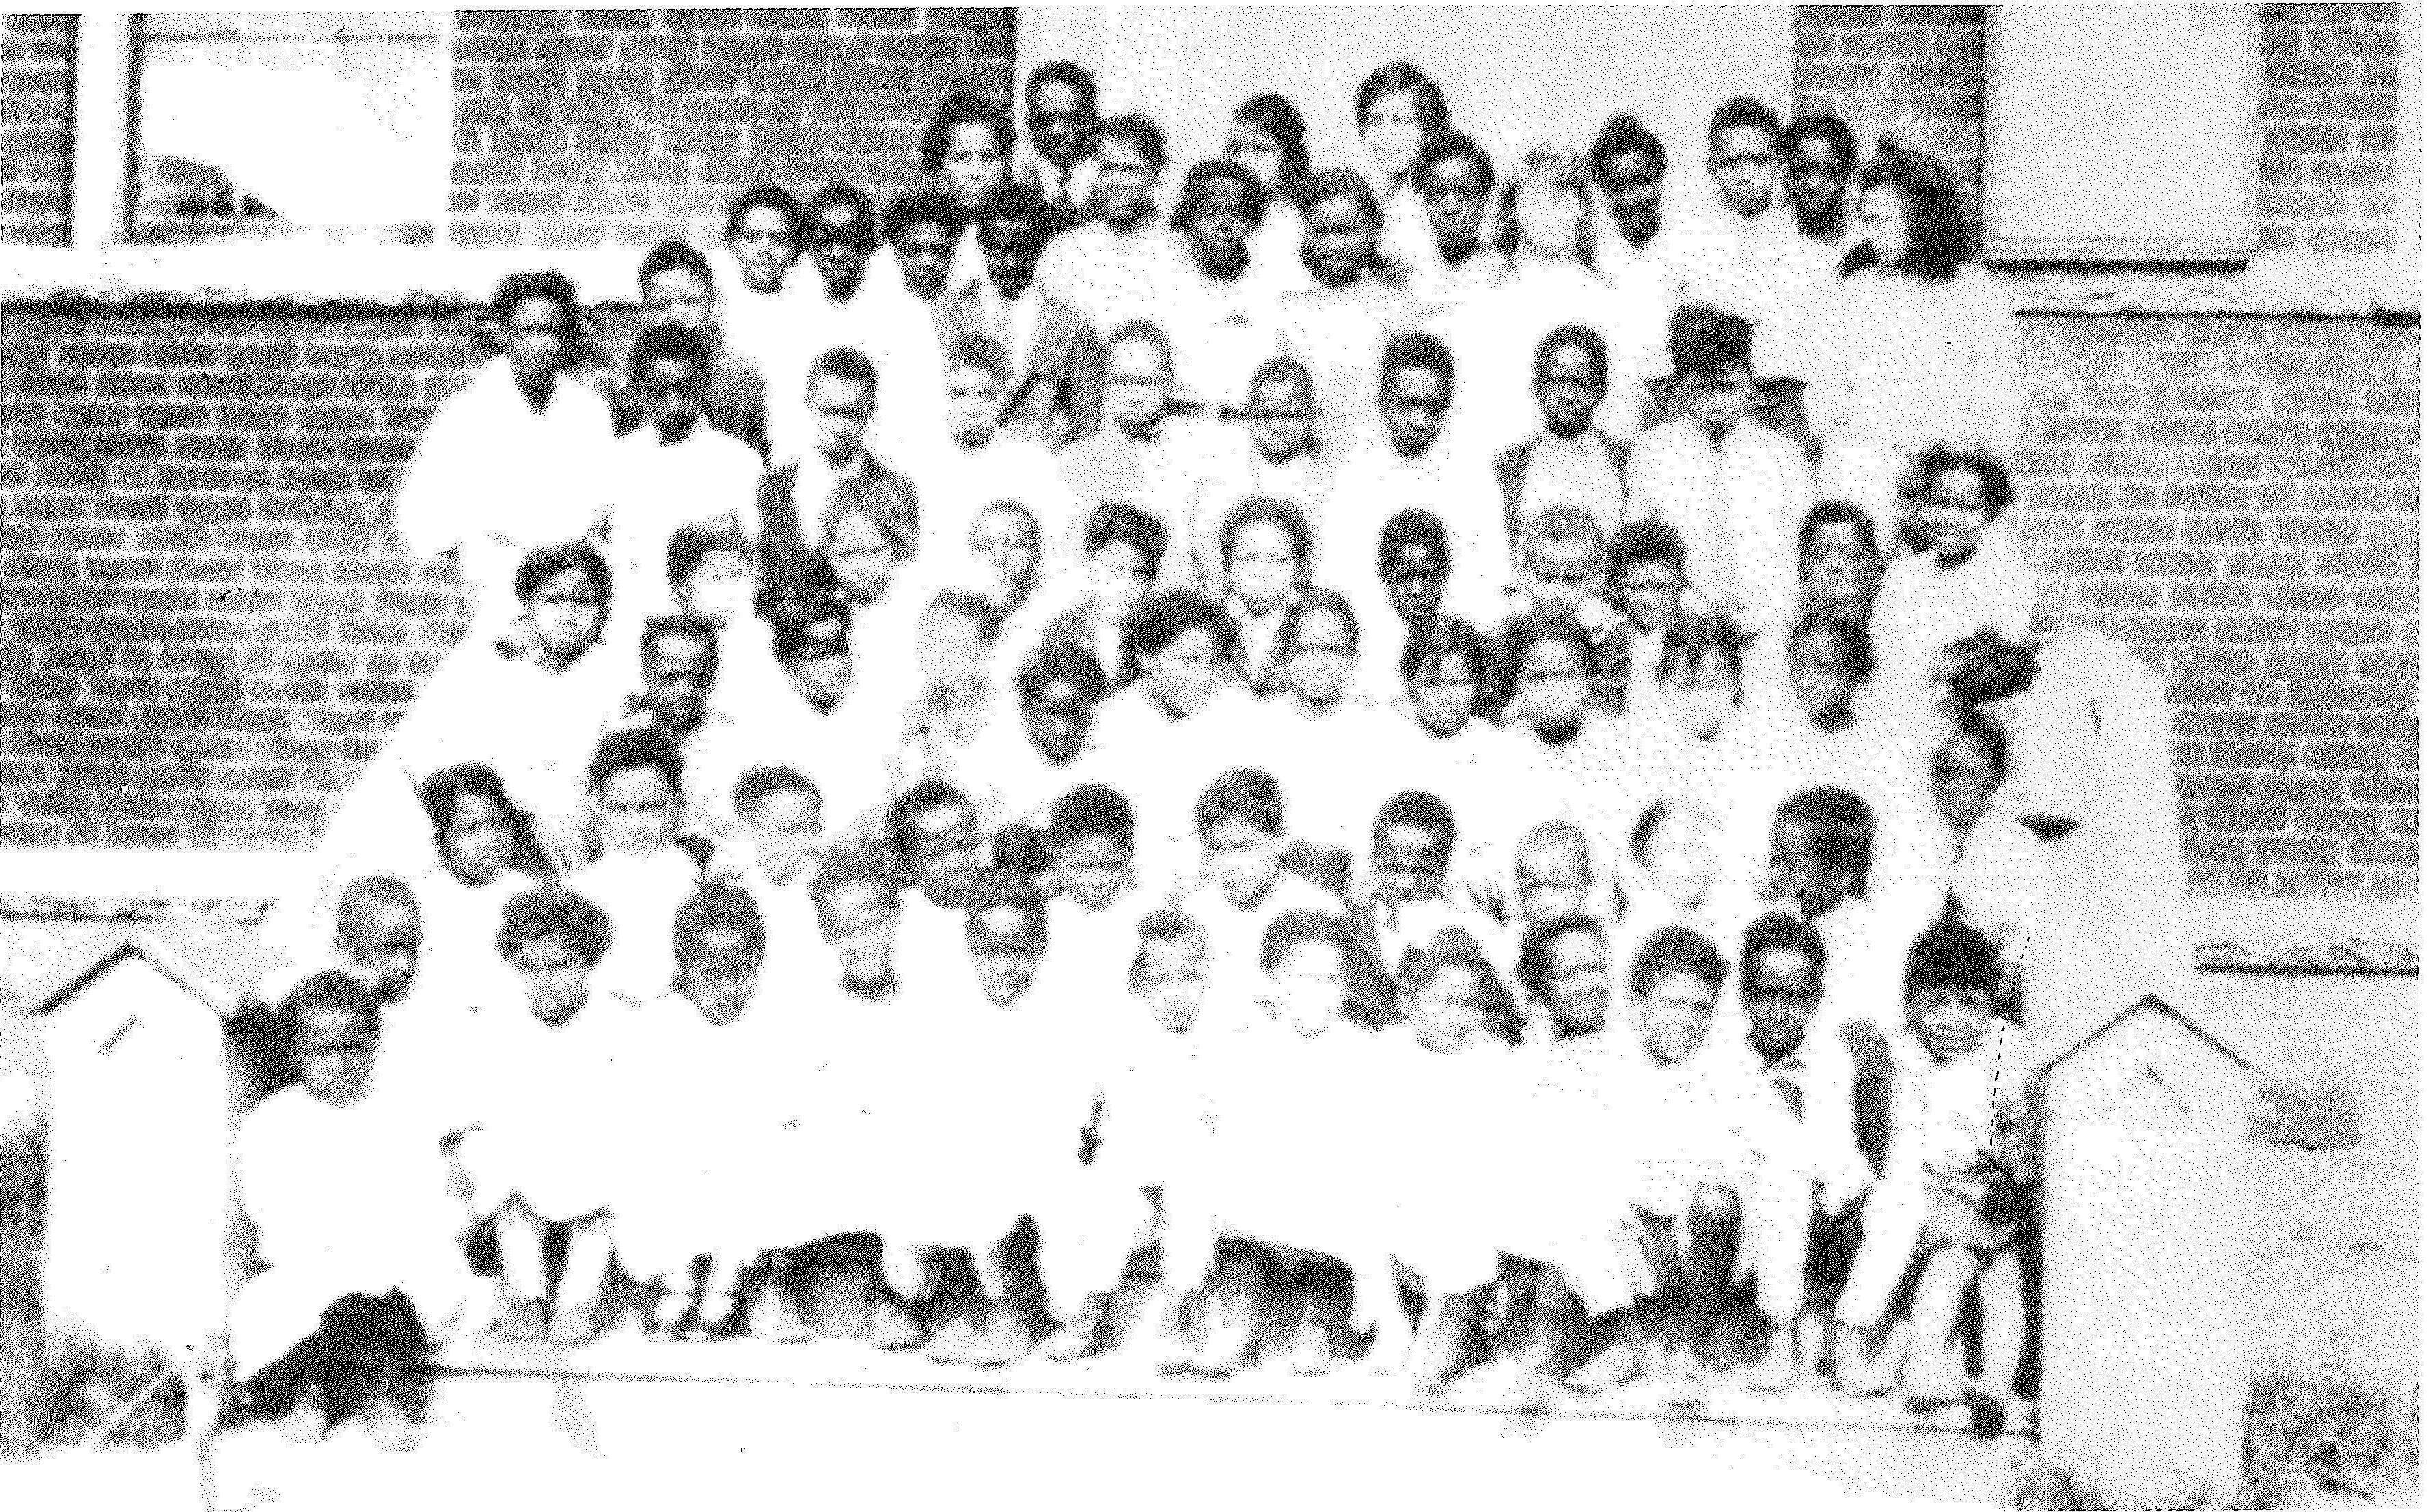 Ward Freeman Ypsilanti School